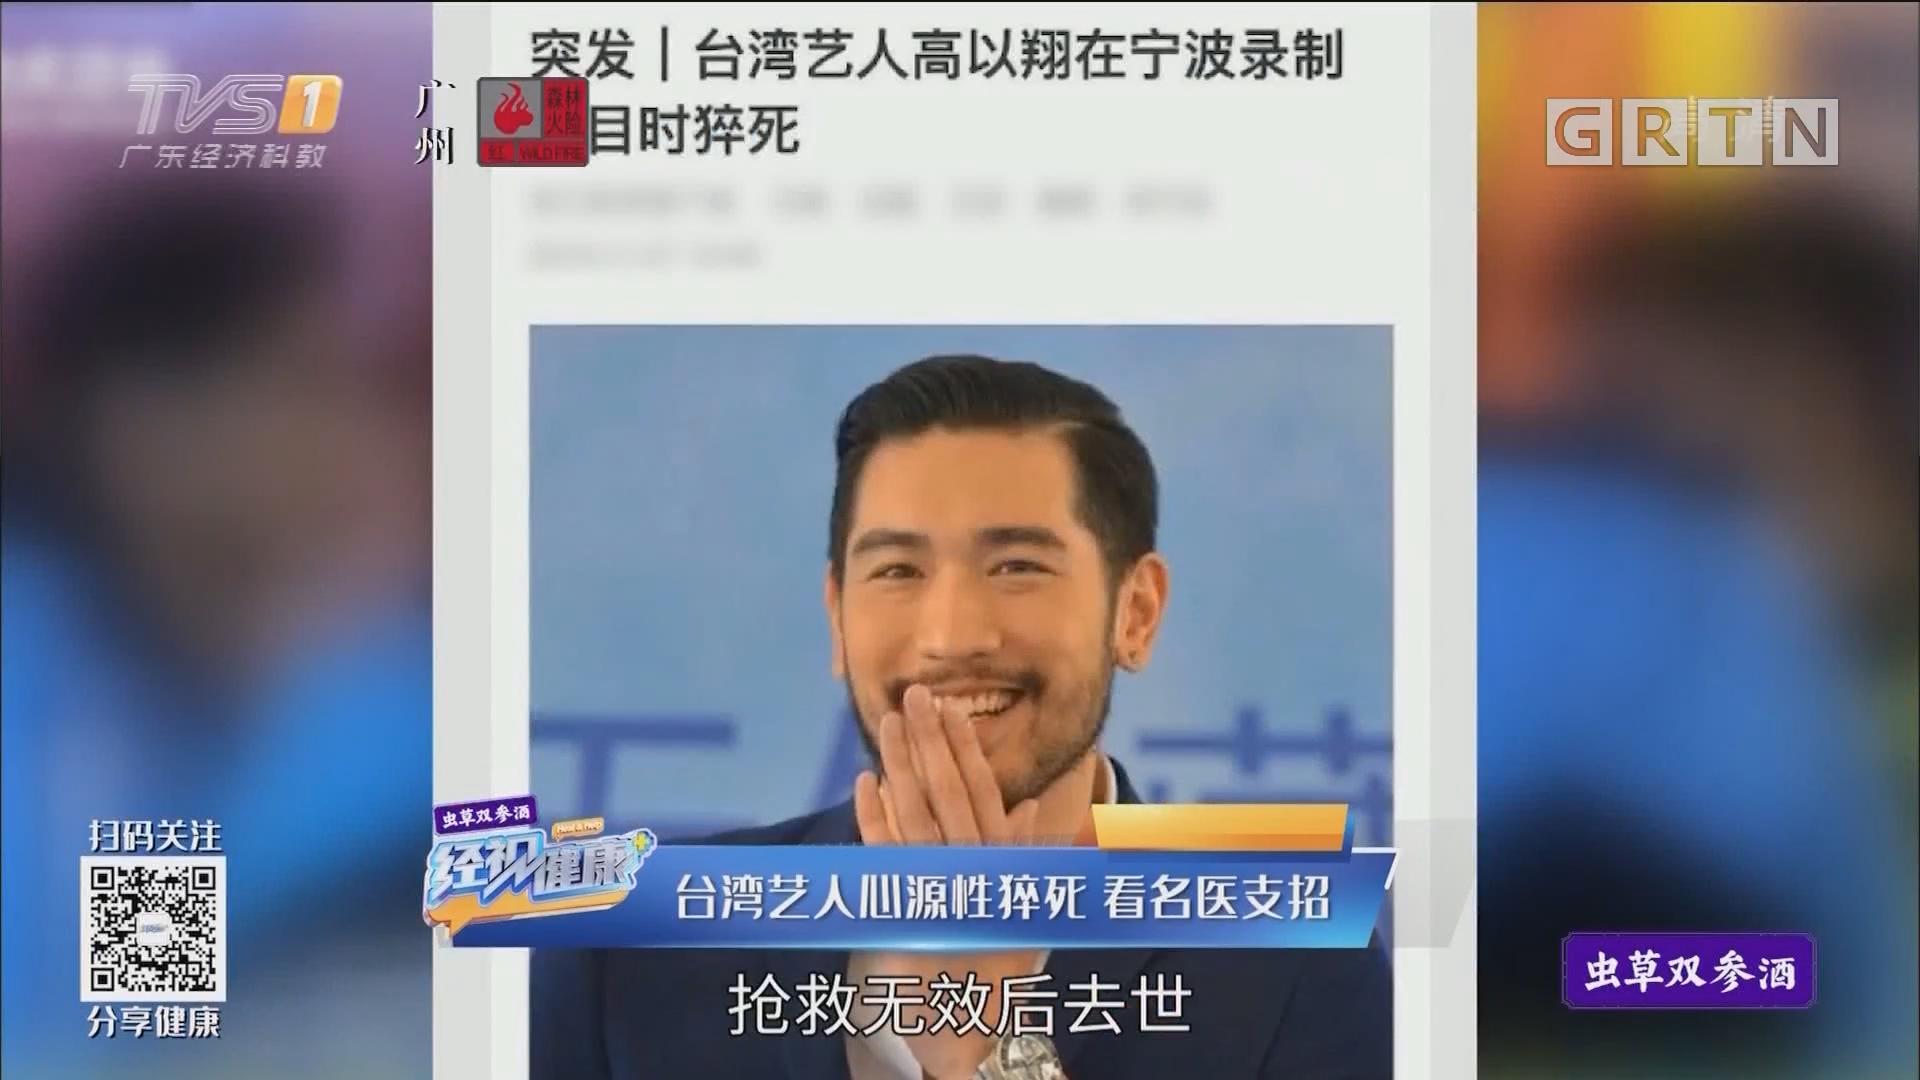 [HD][2019-11-29]经视健康+:台湾艺人心源性猝死 看名医支招